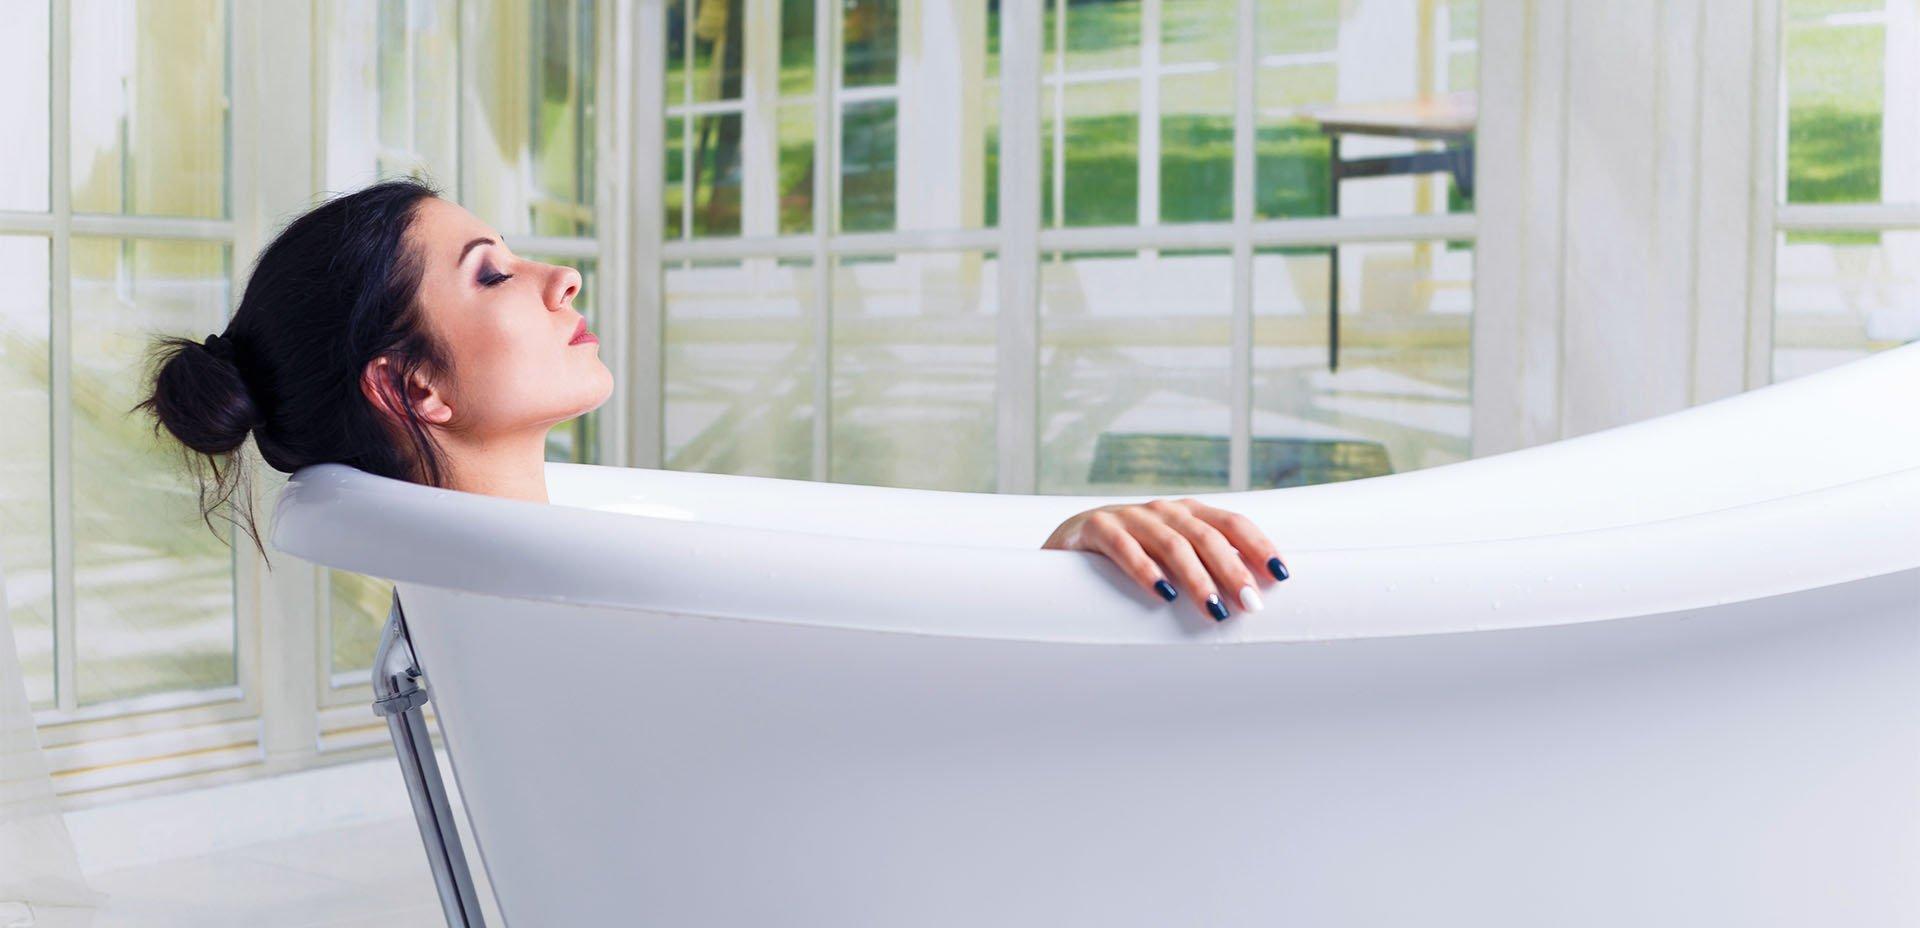 Come preparare dei sali da bagno drenanti